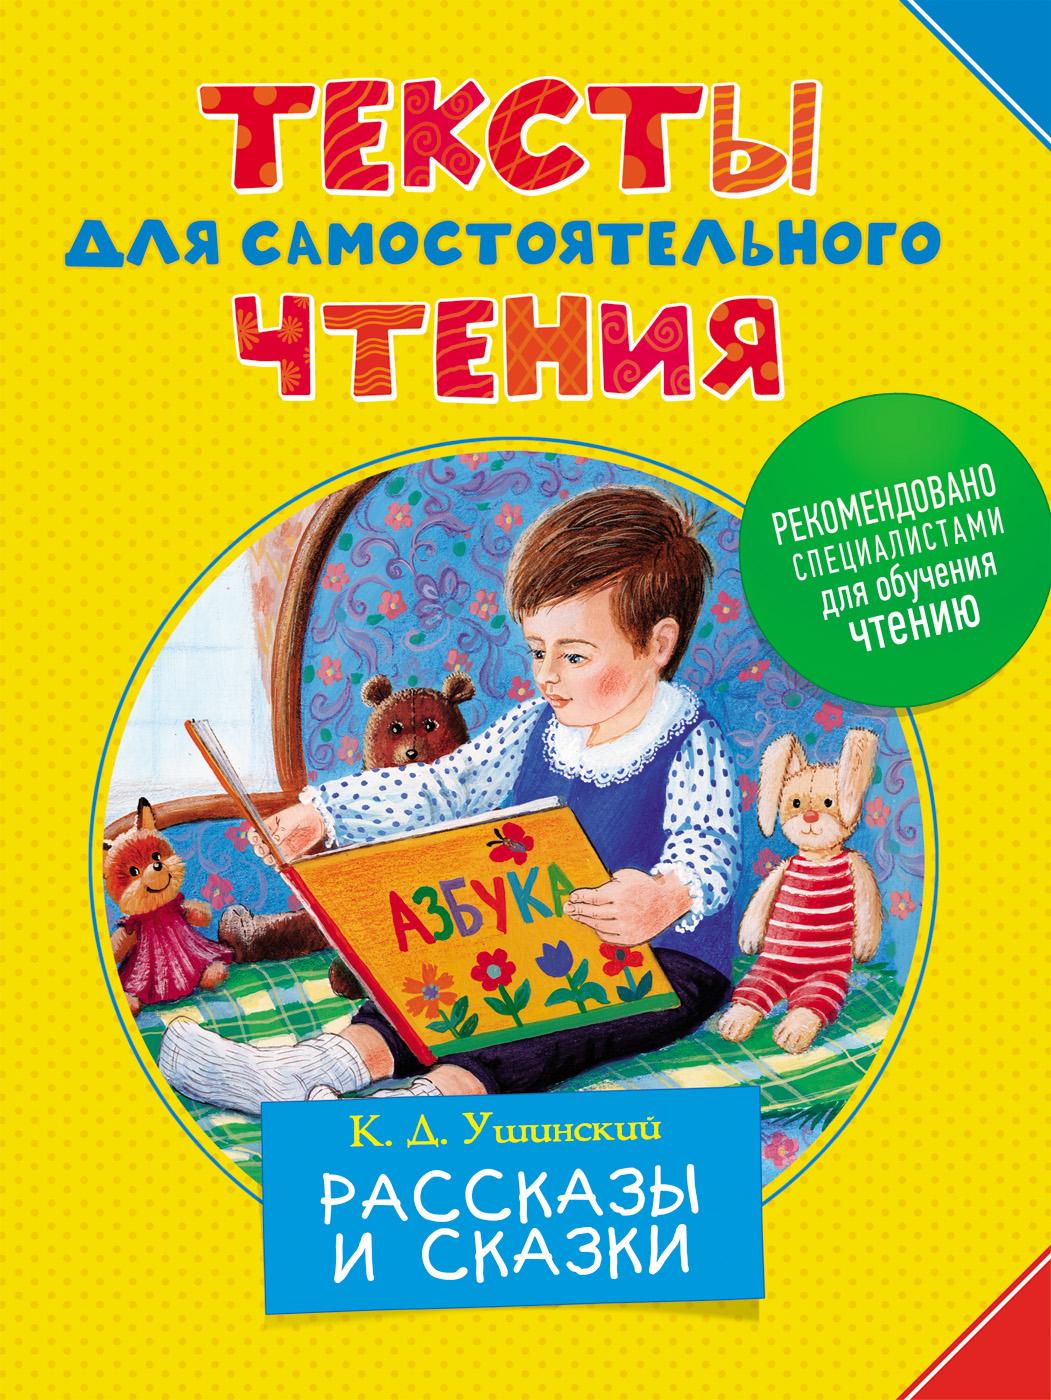 Купить Книга - Тексты для самостоятельного чтения, Ушинский К.Д., Росмэн